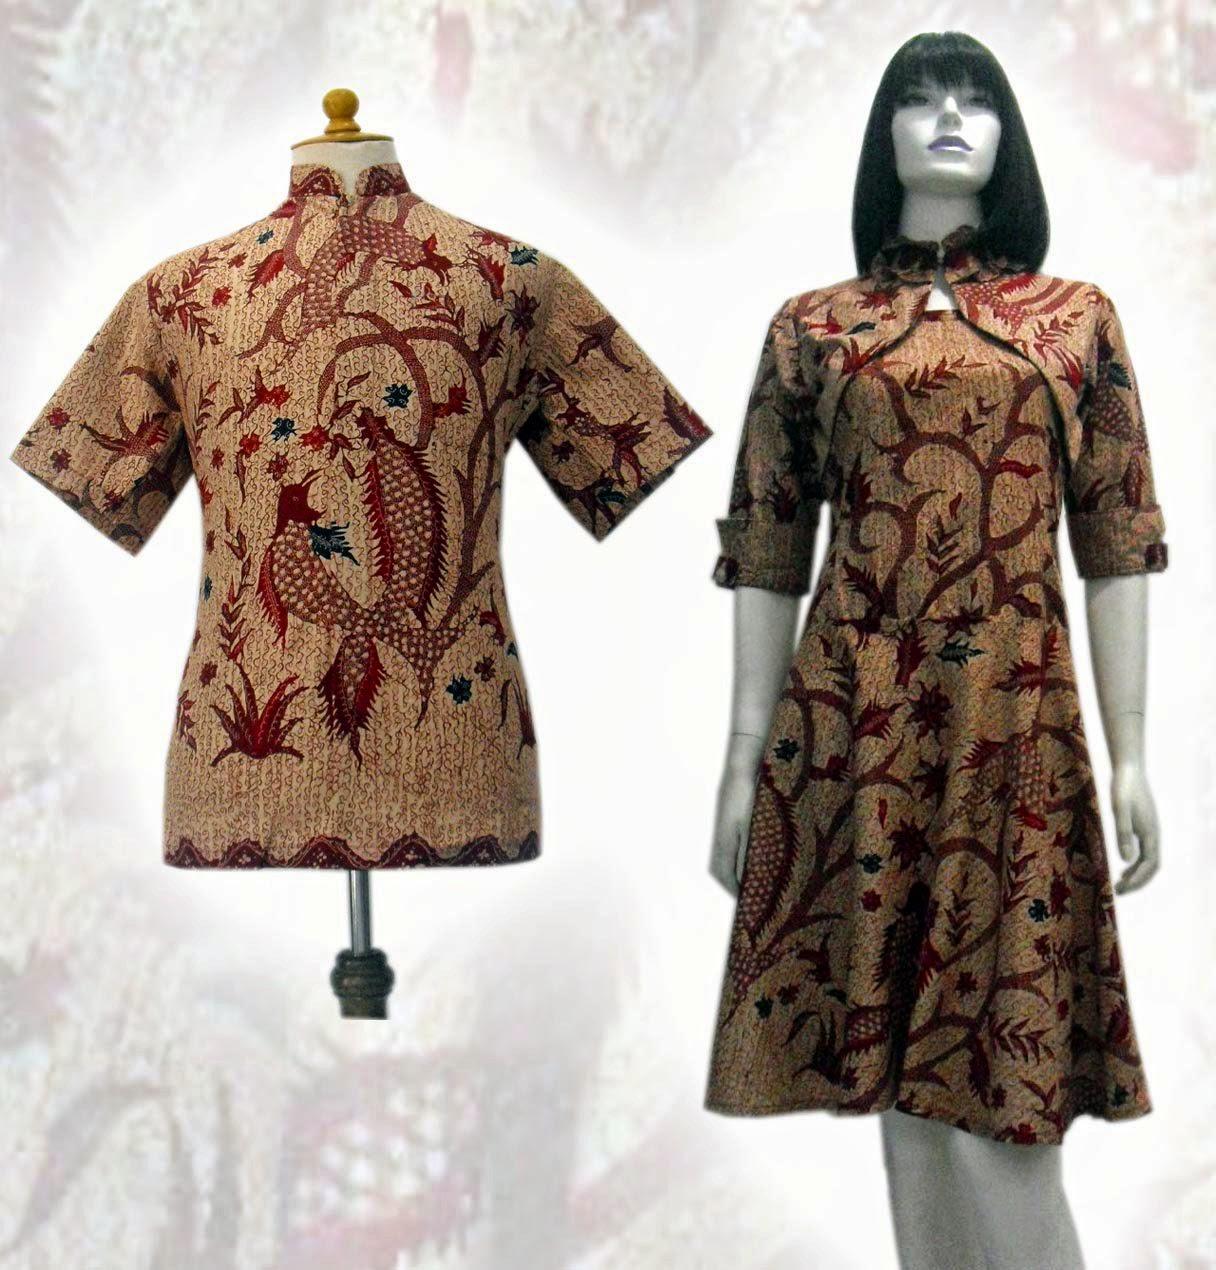 Gambar Baju Batik Kantor Pria: 10 Model Baju Batik Modern Pria Dan Wanita Terbaru